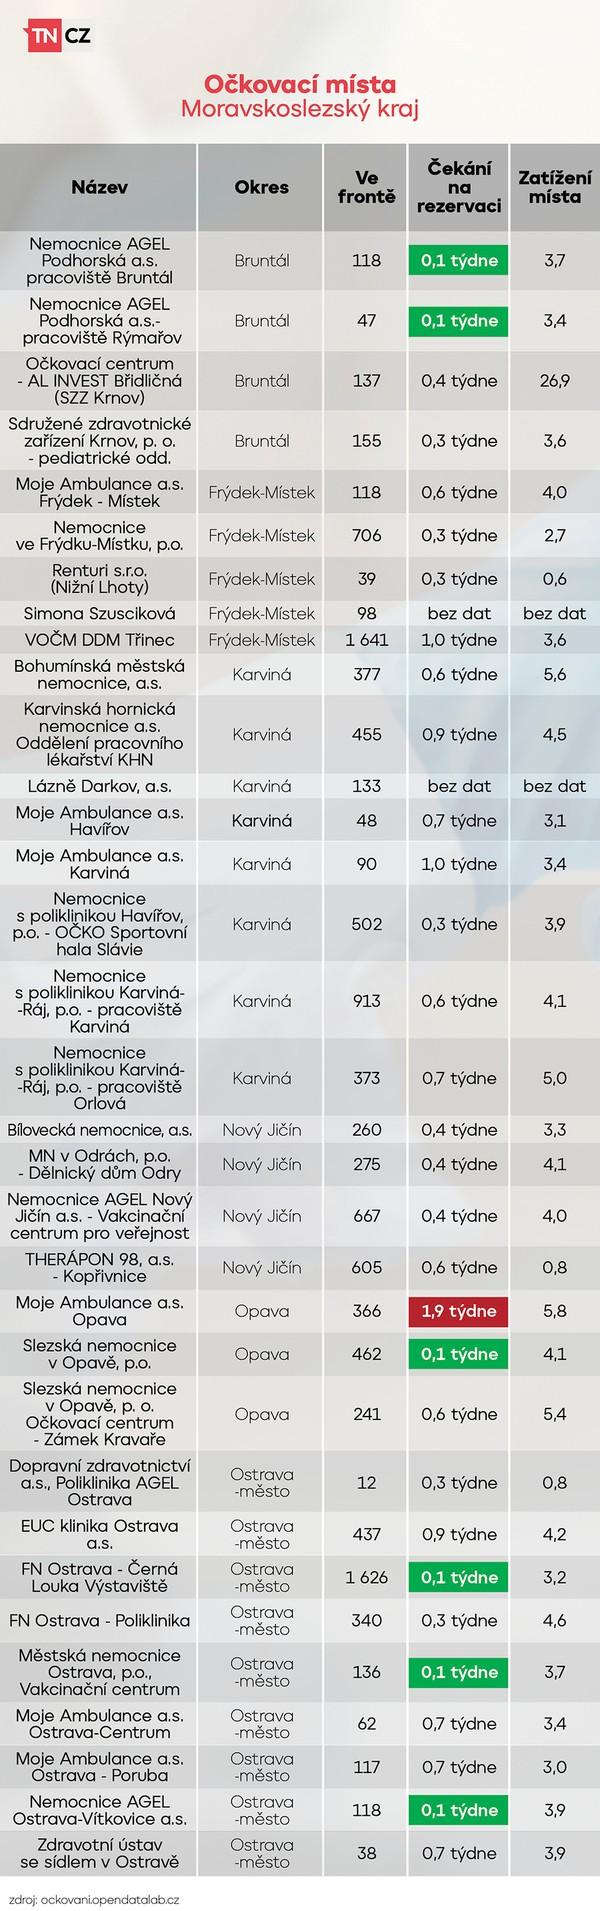 Vytížení očkovacích míst - Moravskoslezský kraj